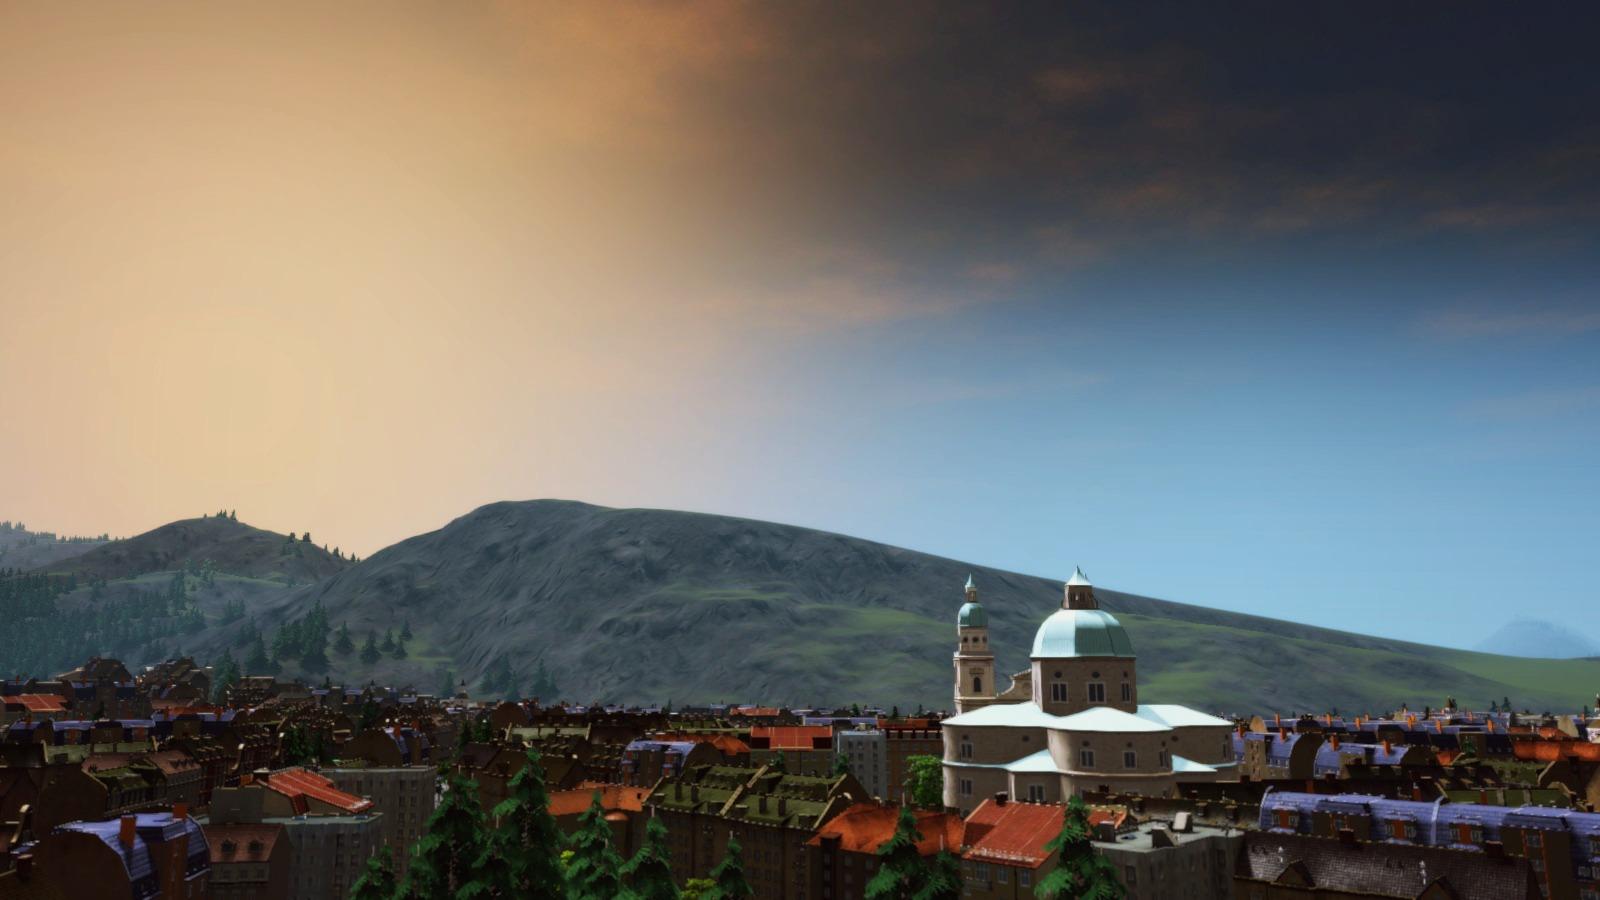 Royaume Norrois - Présentation des villes - Page 4 15052501530447420